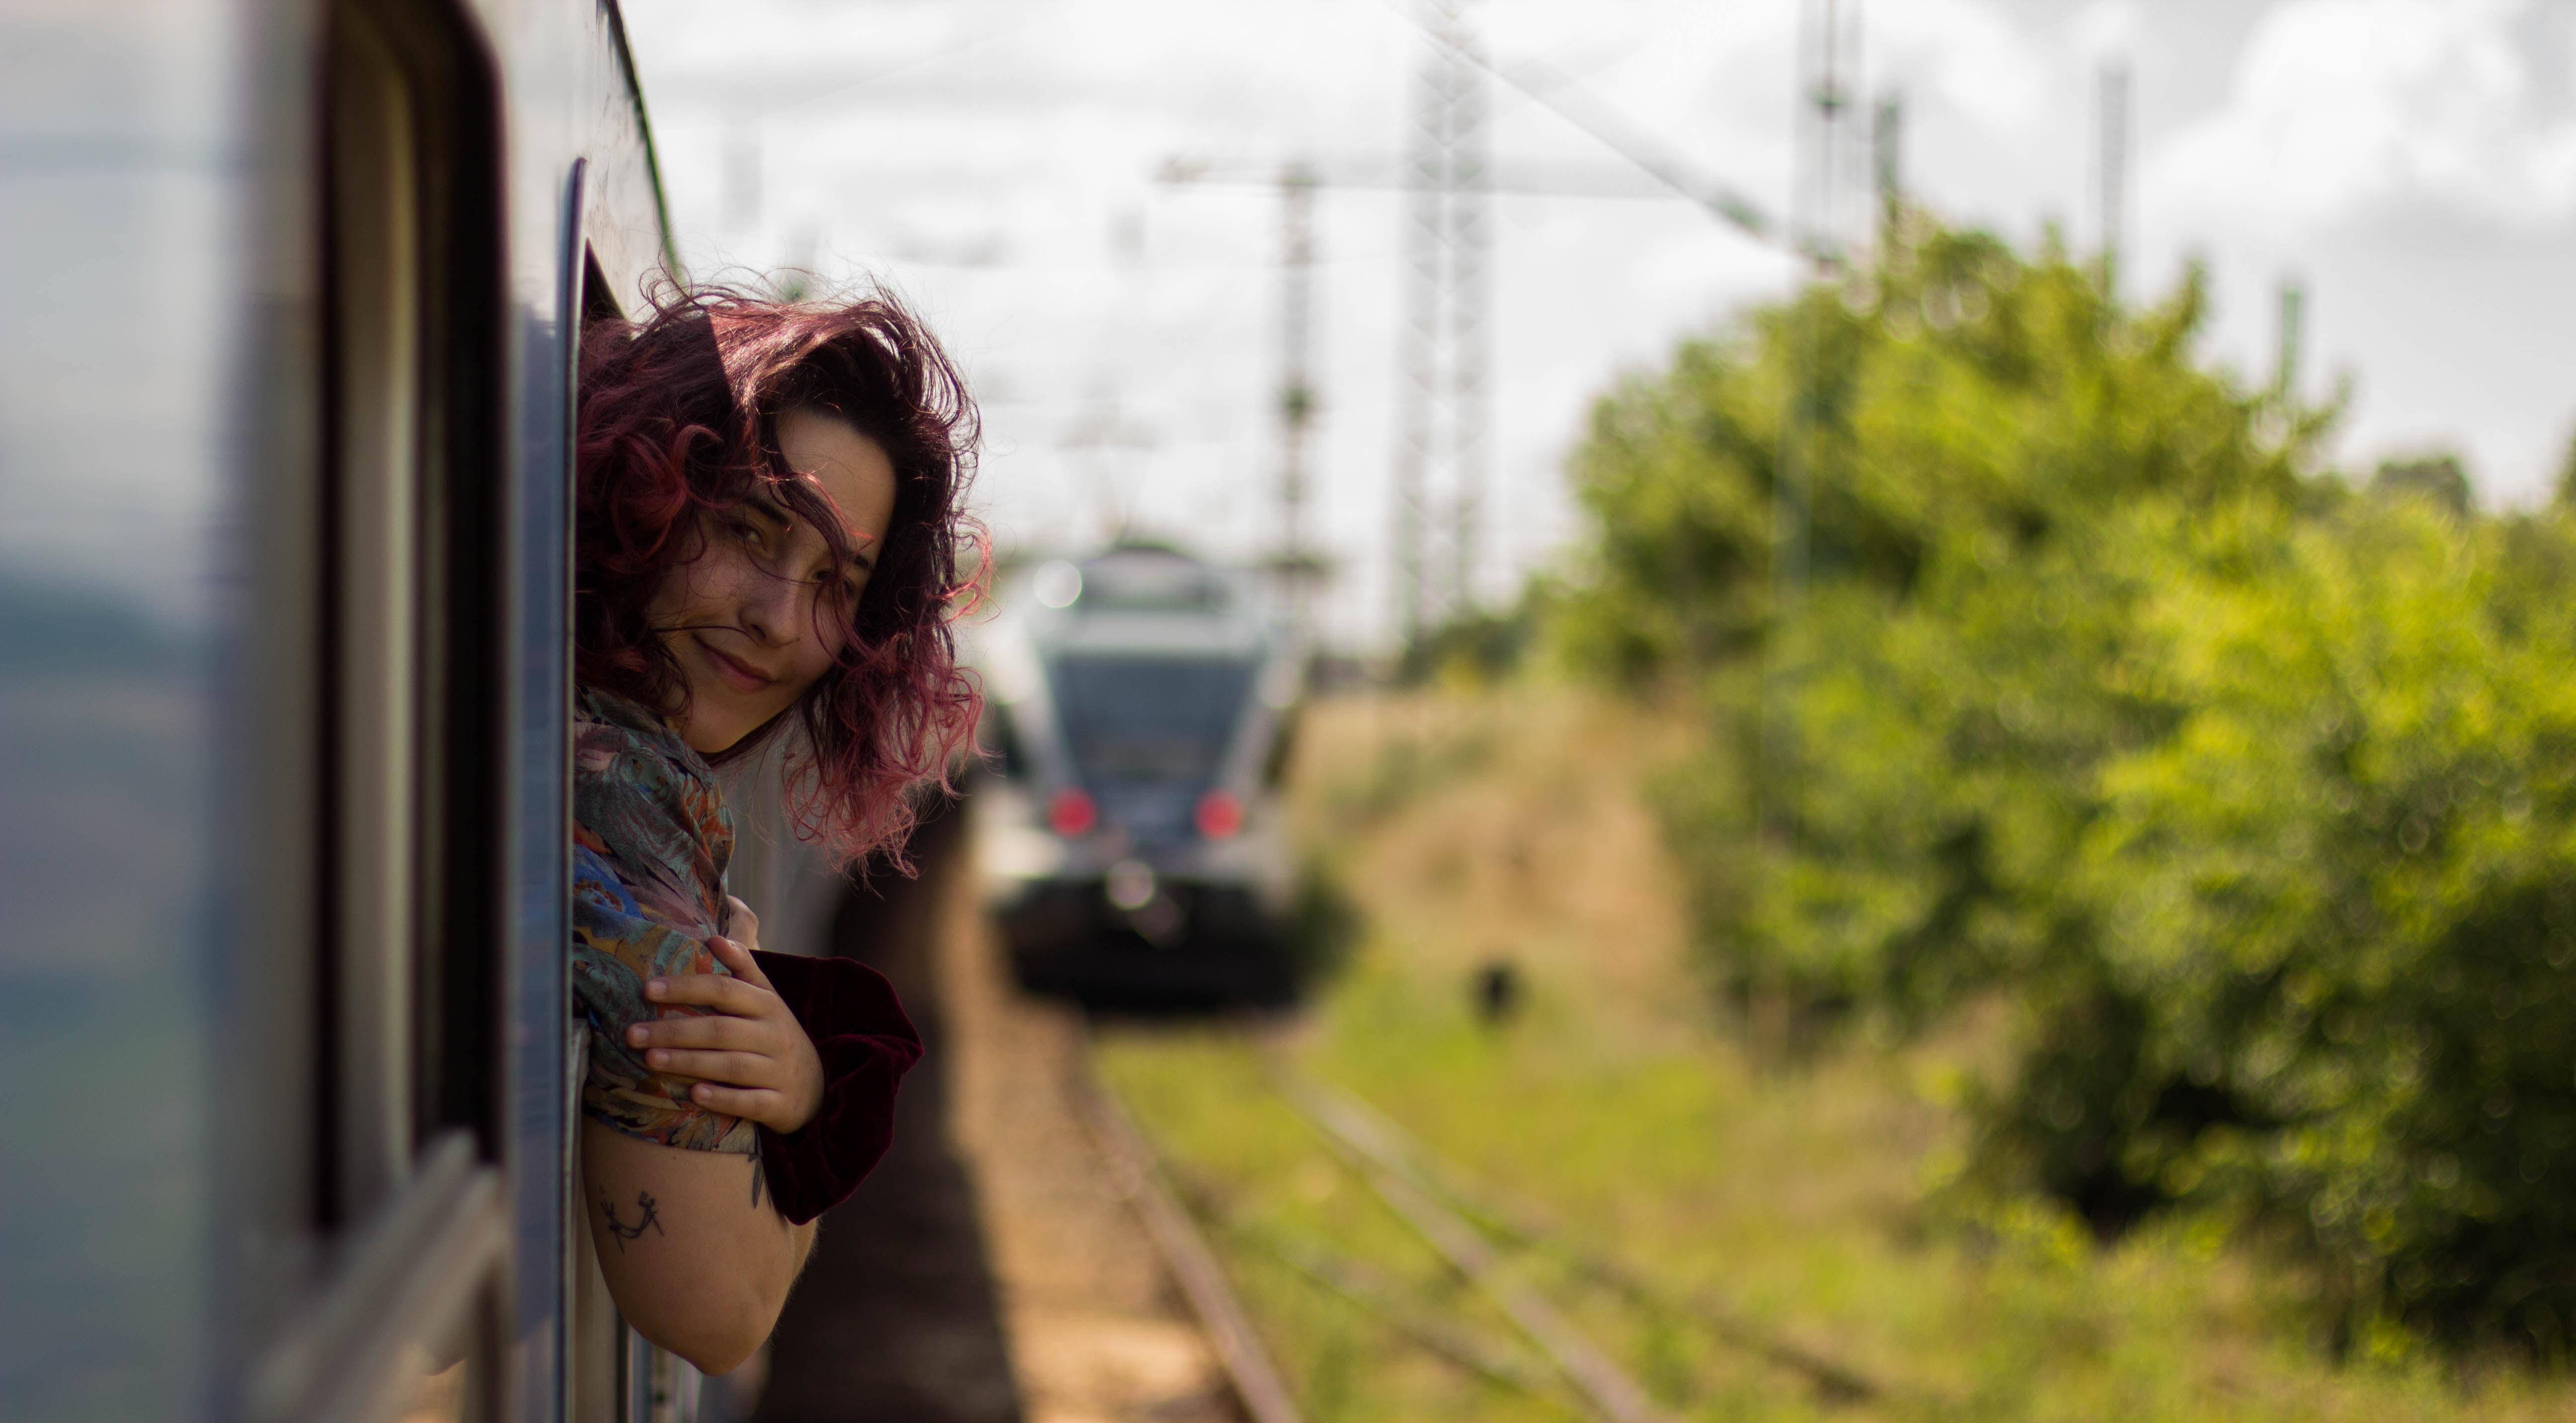 La enseñanza de viajar, conocer y ayudar a los demás